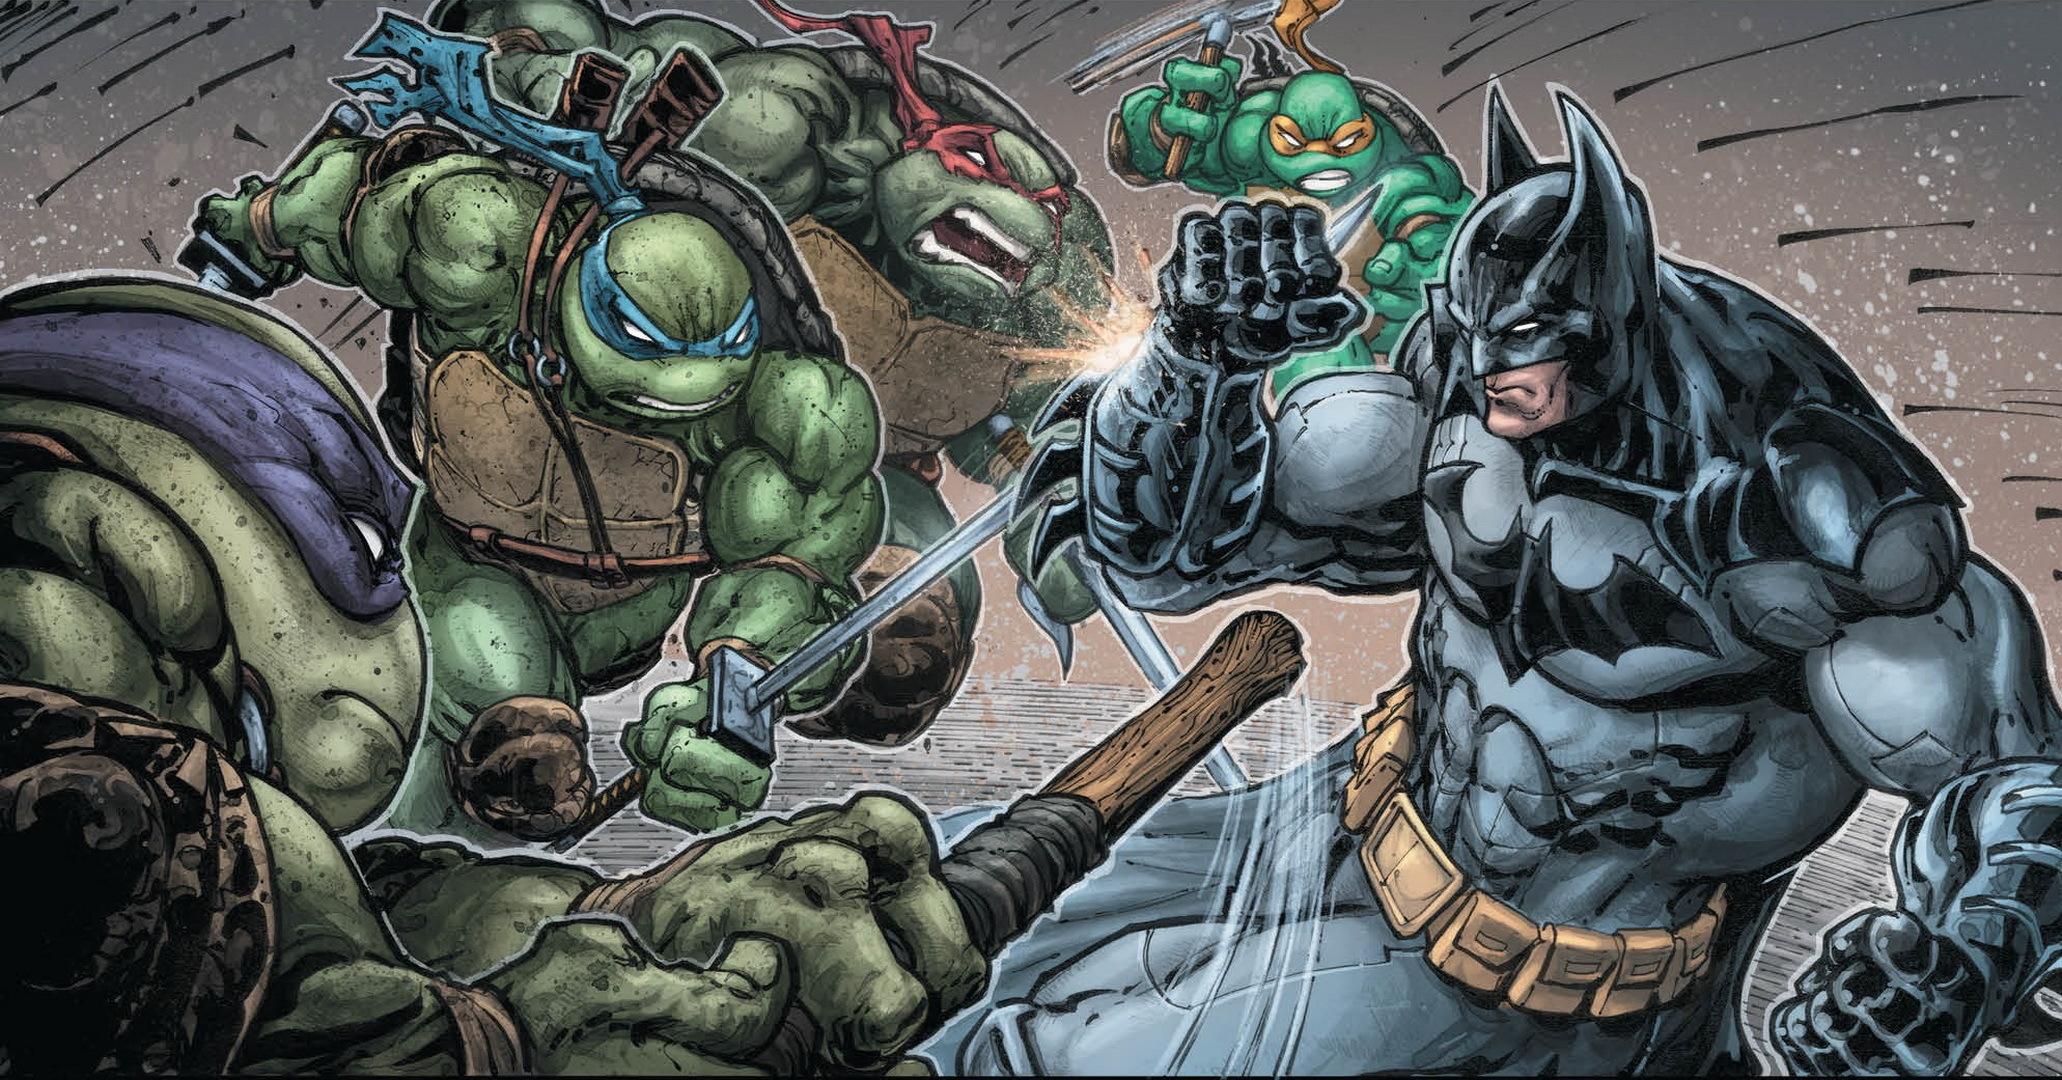 Image: Teenage mutant ninja turtles, Batman, battle, battle